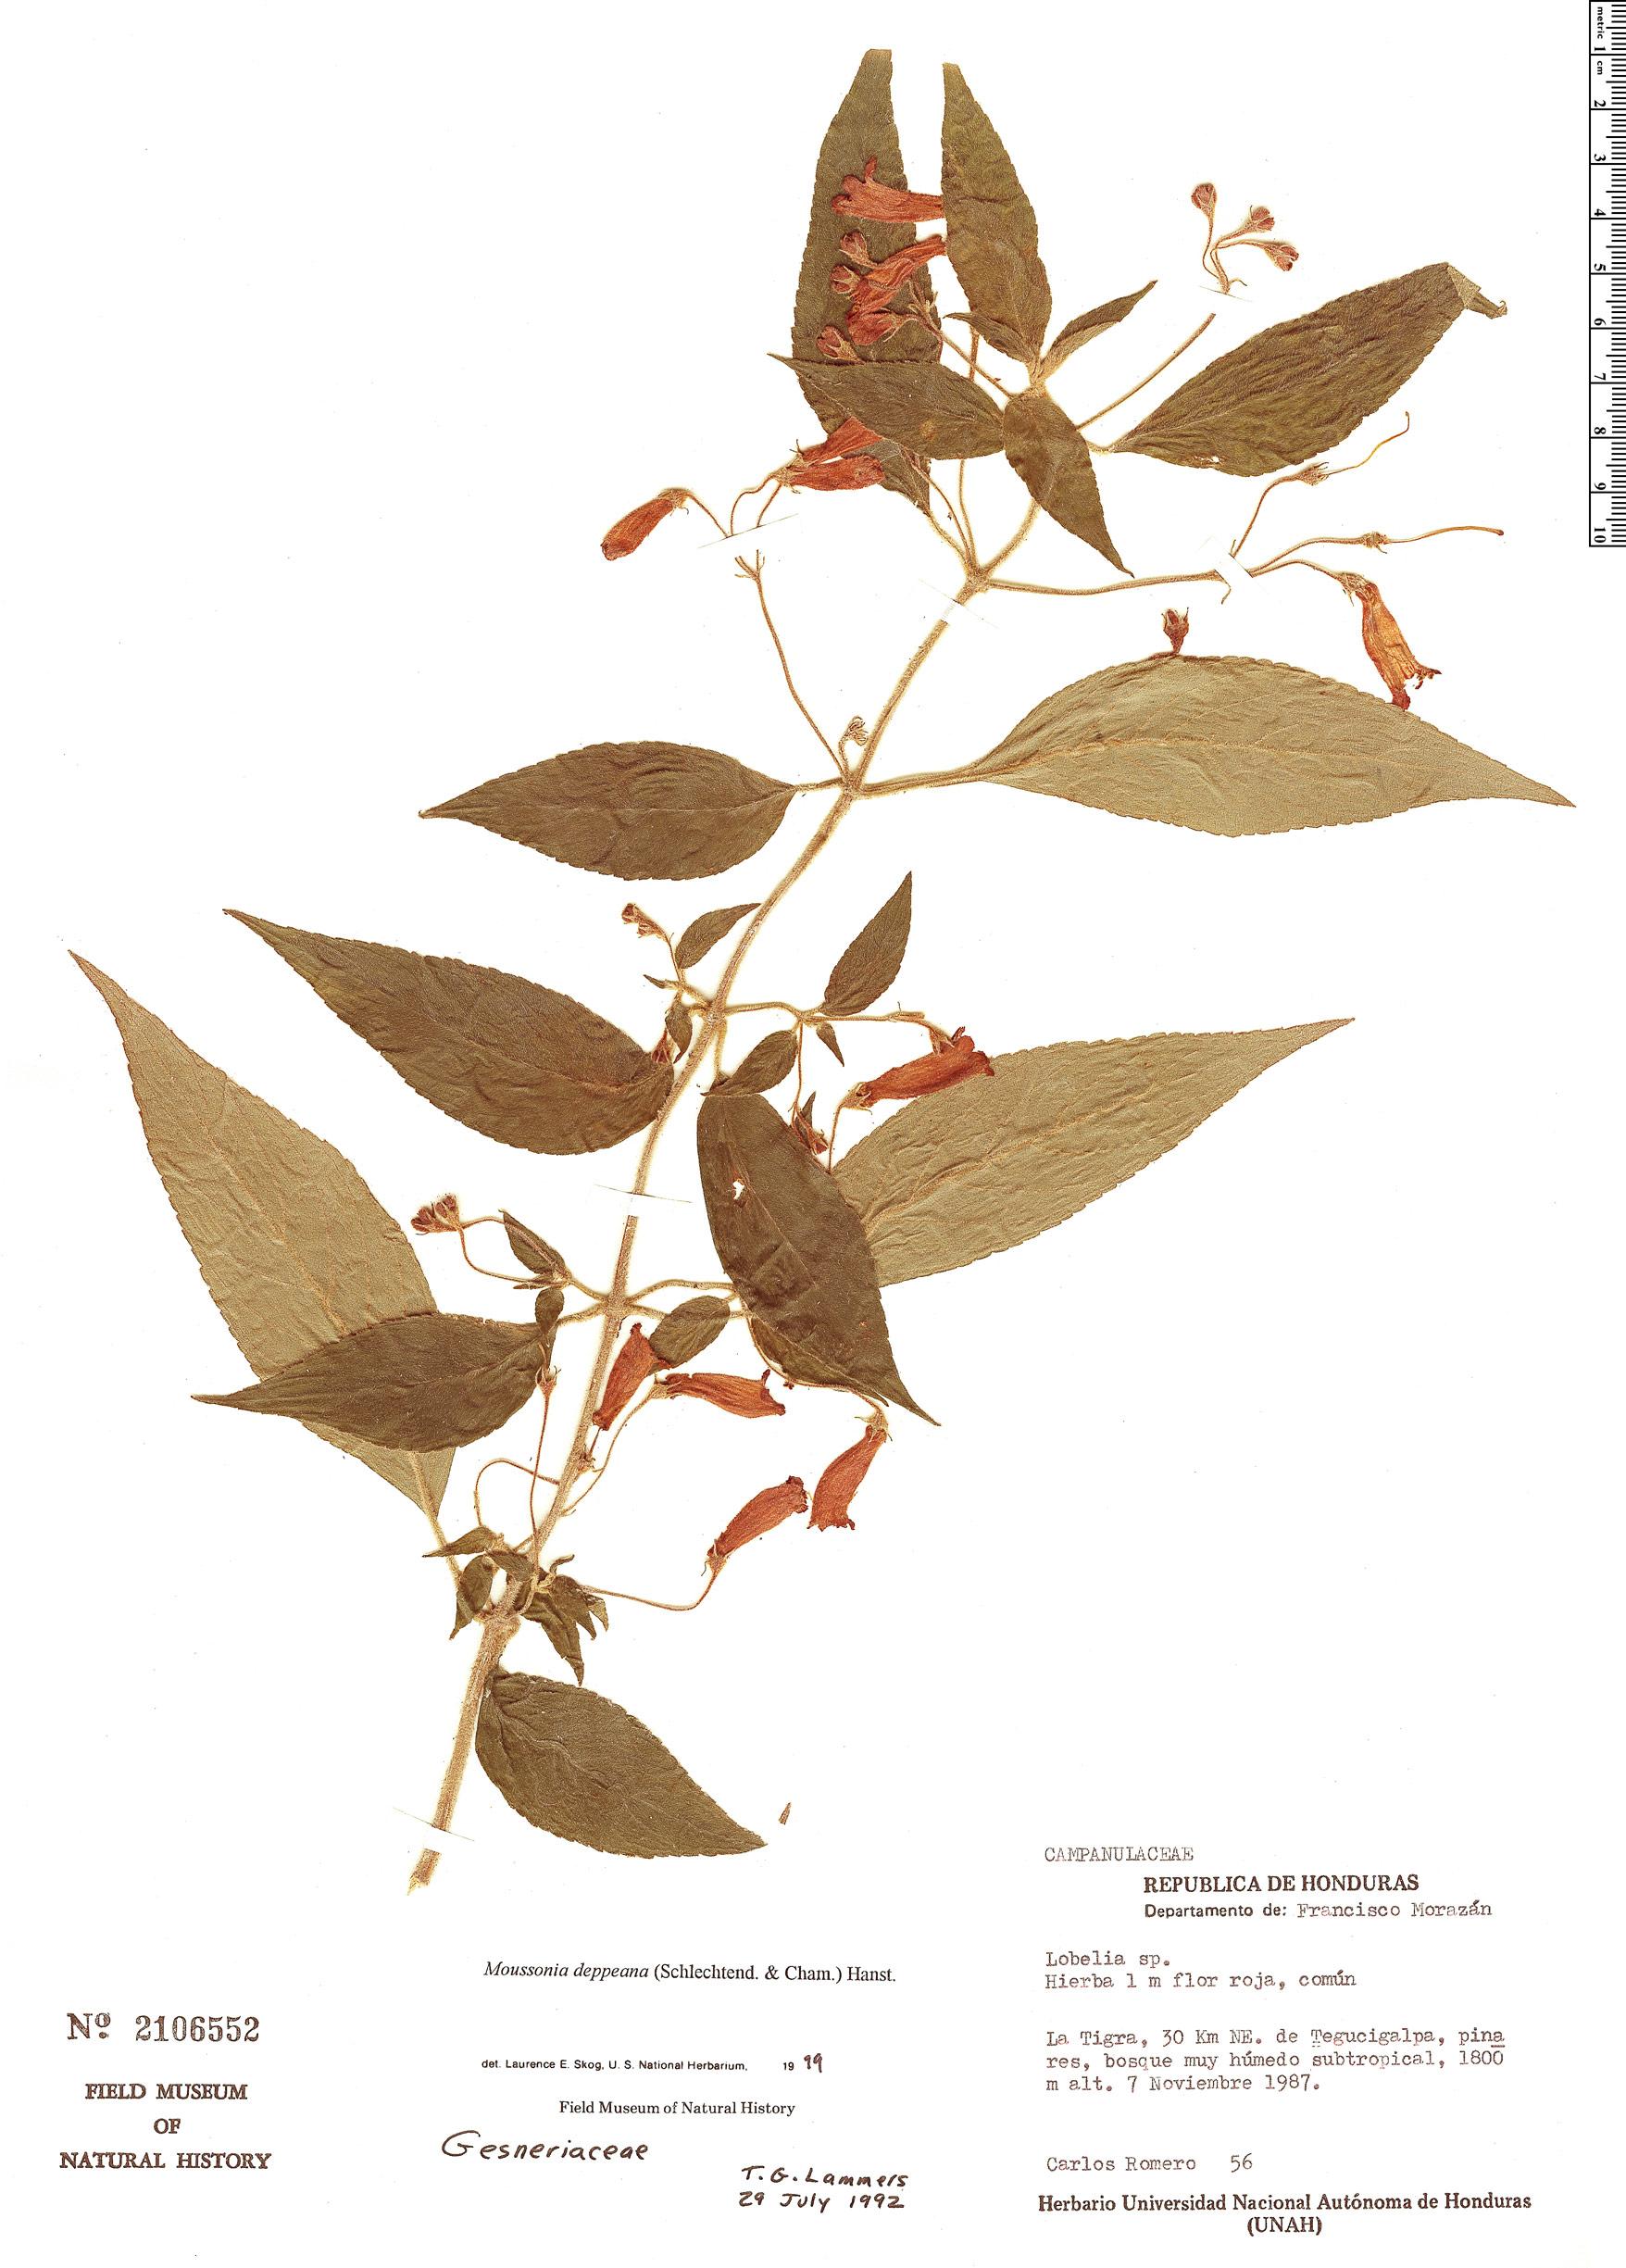 Specimen: Moussonia deppeana